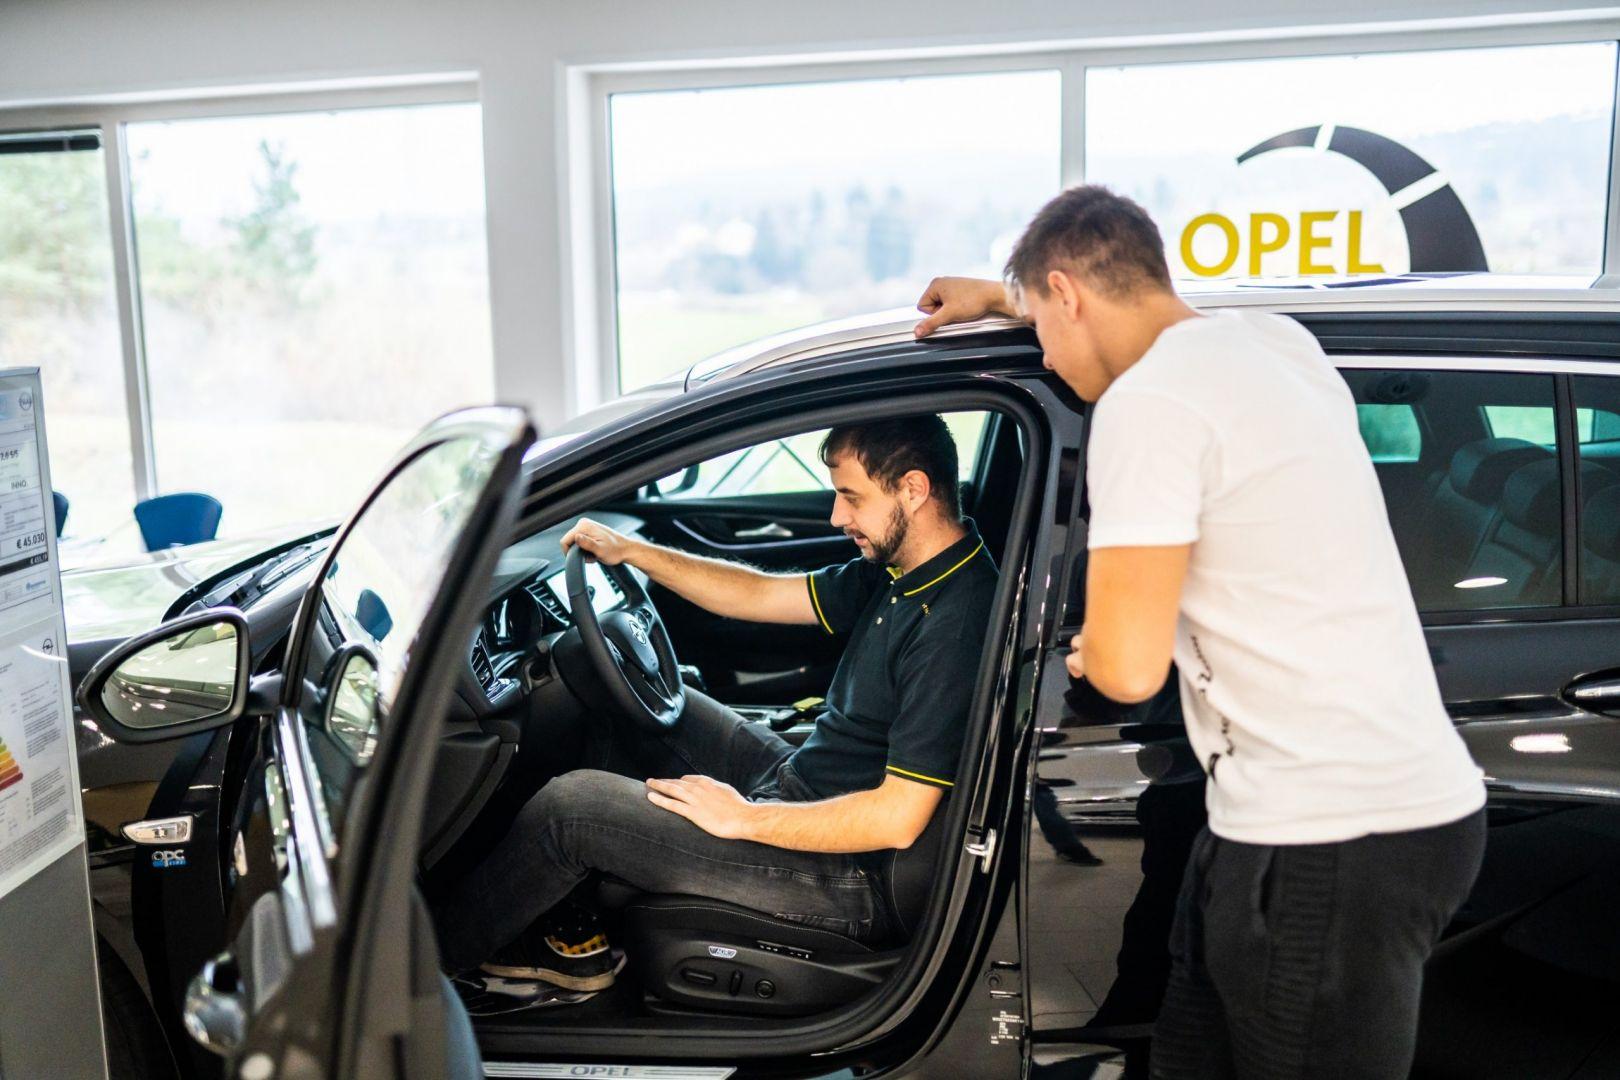 avtohisa-zalar-nova-rabljena-vozila-servis-prodaja-vzdrzevanje-zavarovanje-svetovanje (40)